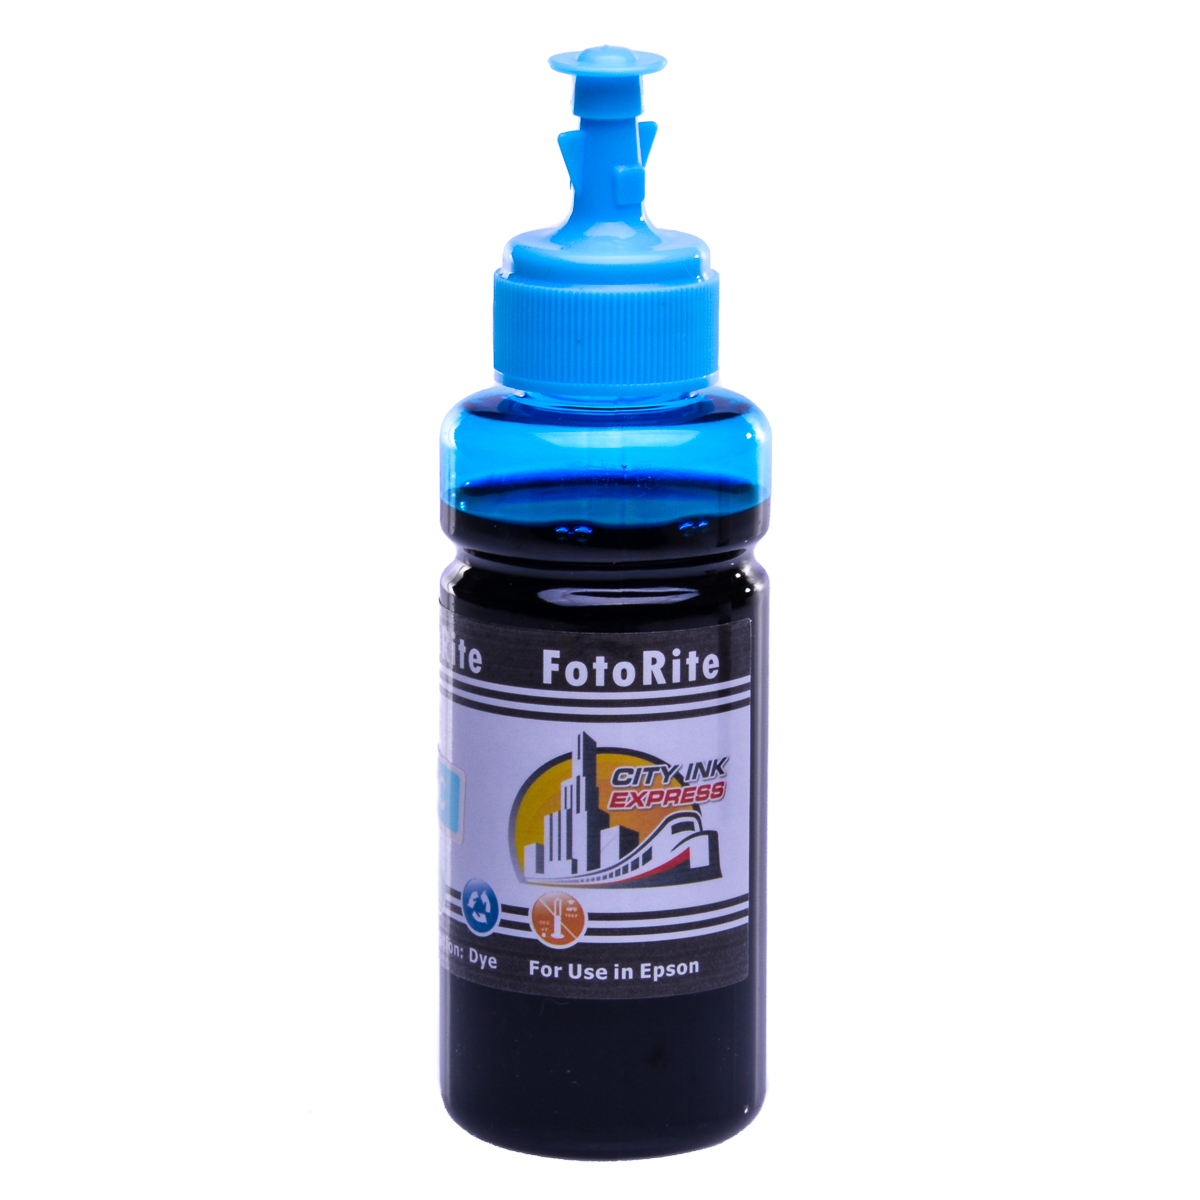 Cheap Light Cyan dye ink replaces Epson Stylus PX800FW - T0805